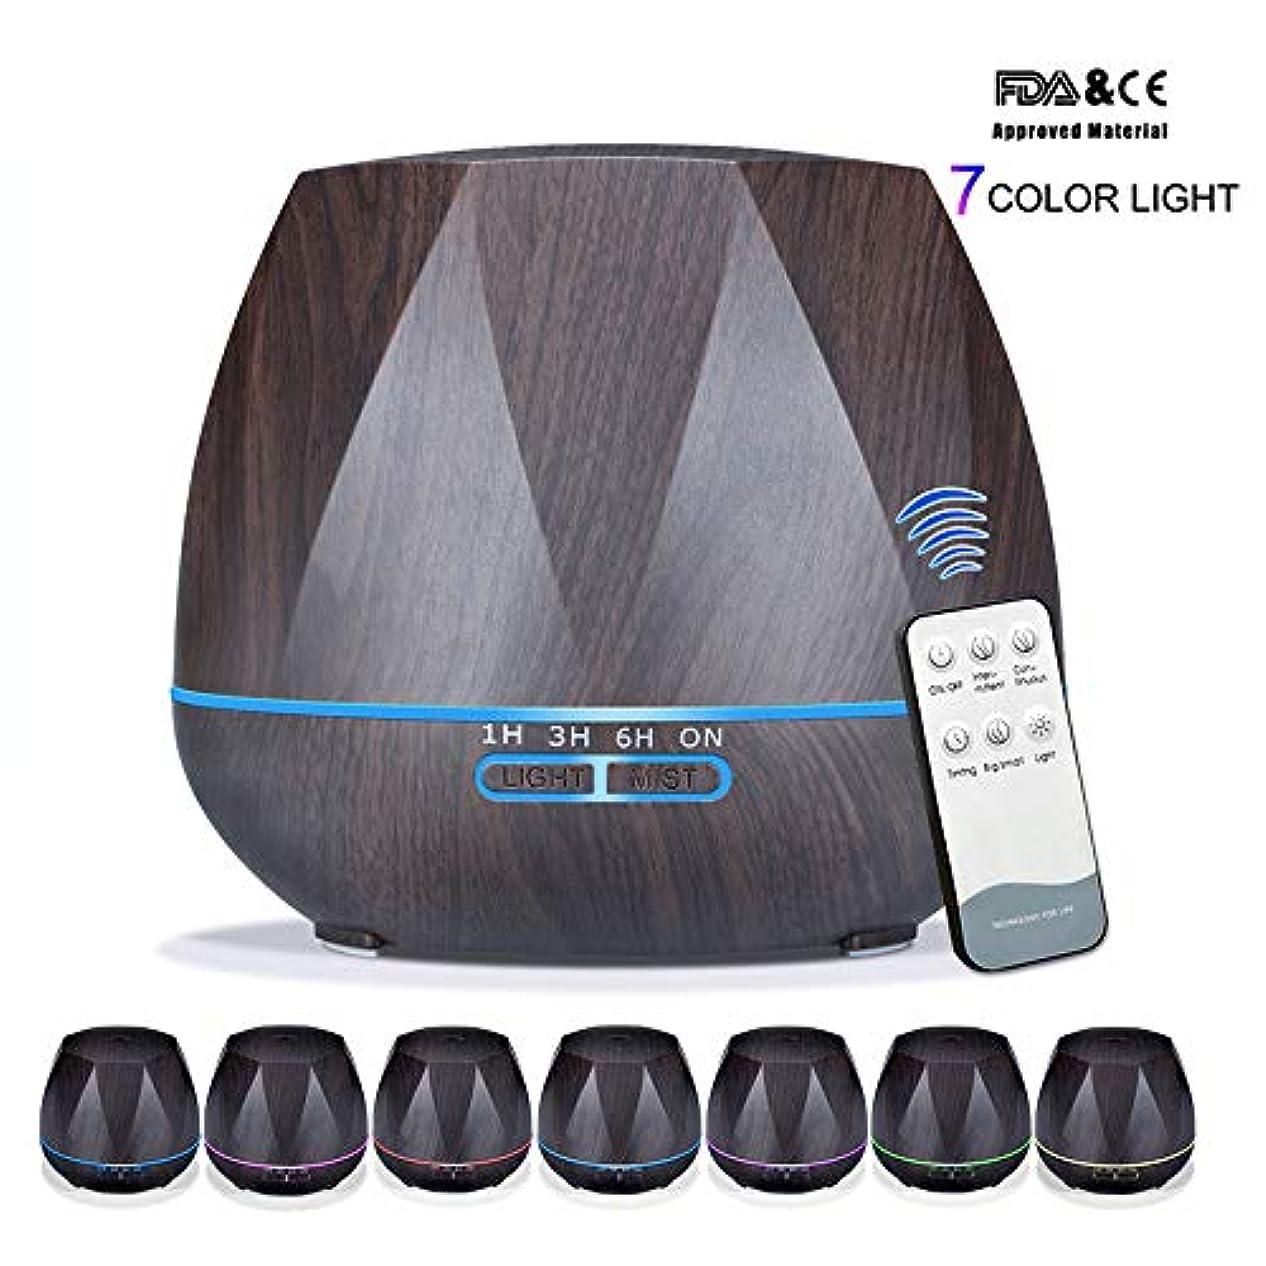 バレーボール自治堂々たるアロマセラピーエッセンシャルオイルアロマディフューザーリモートコントロール7色LEDライトホームエアアロマディフューザー加湿器550ML,Black,Remote